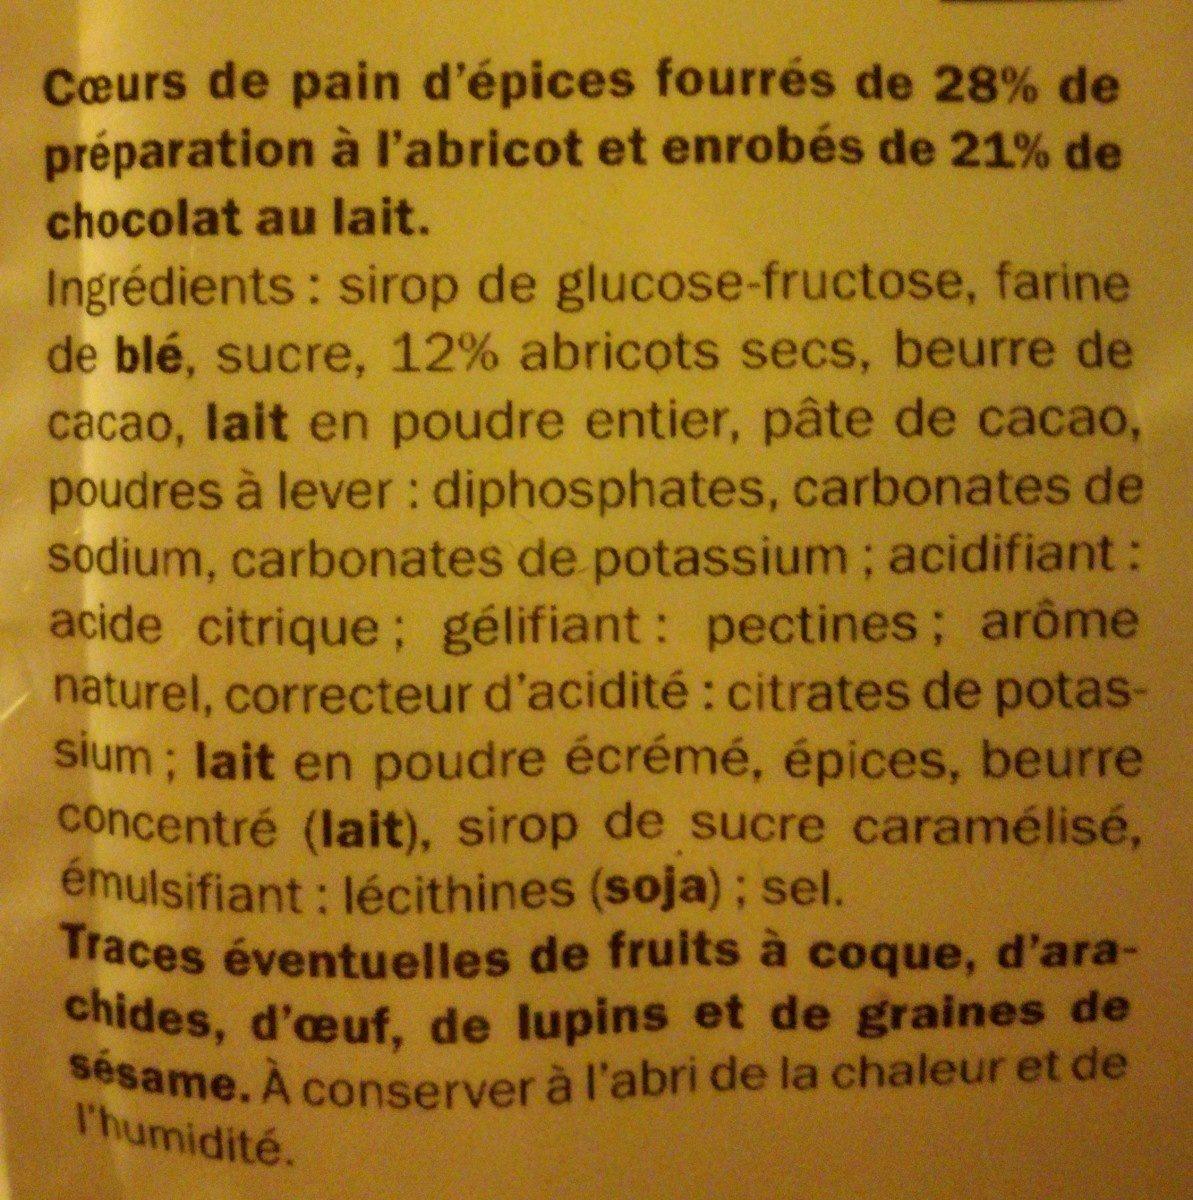 Coeur de pain d'épices - Ingrédients